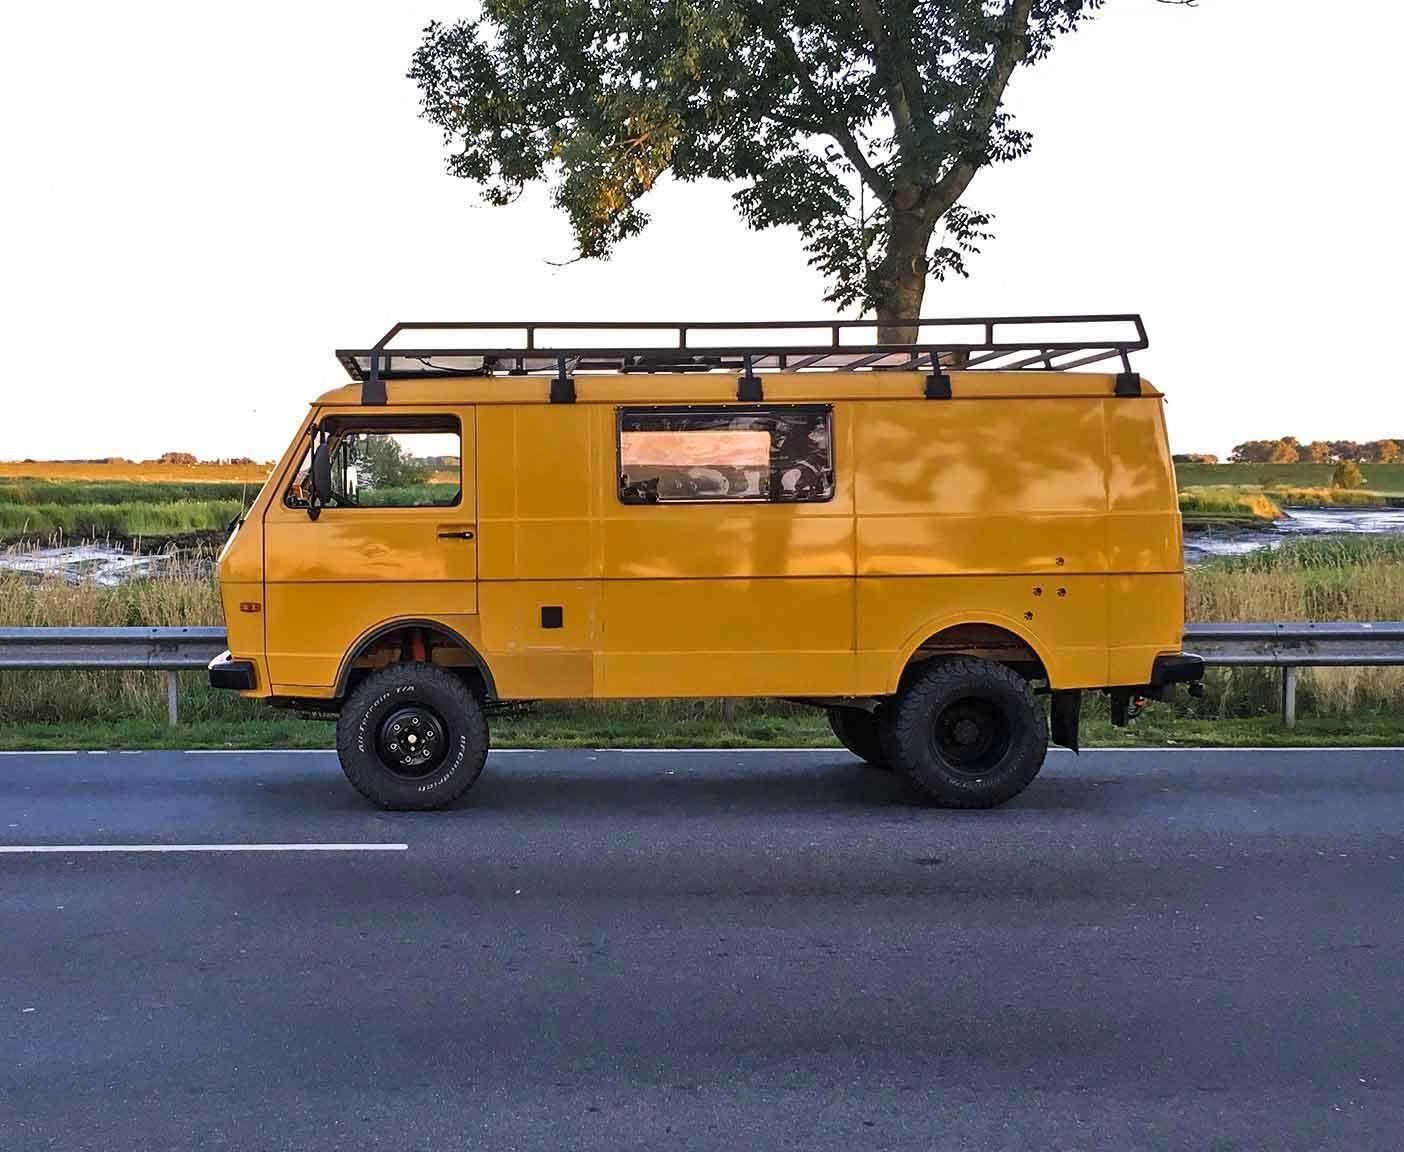 Der Volkswagen Vw Lt 40 Mit Allrad Oder 4x4 Ist Ein Transporter Den Man Gebraucht Kaufen Kann Und Fur Vanlife Reisen Perfekt Gee Vw Lt 35 Vw Syncro Vw Van